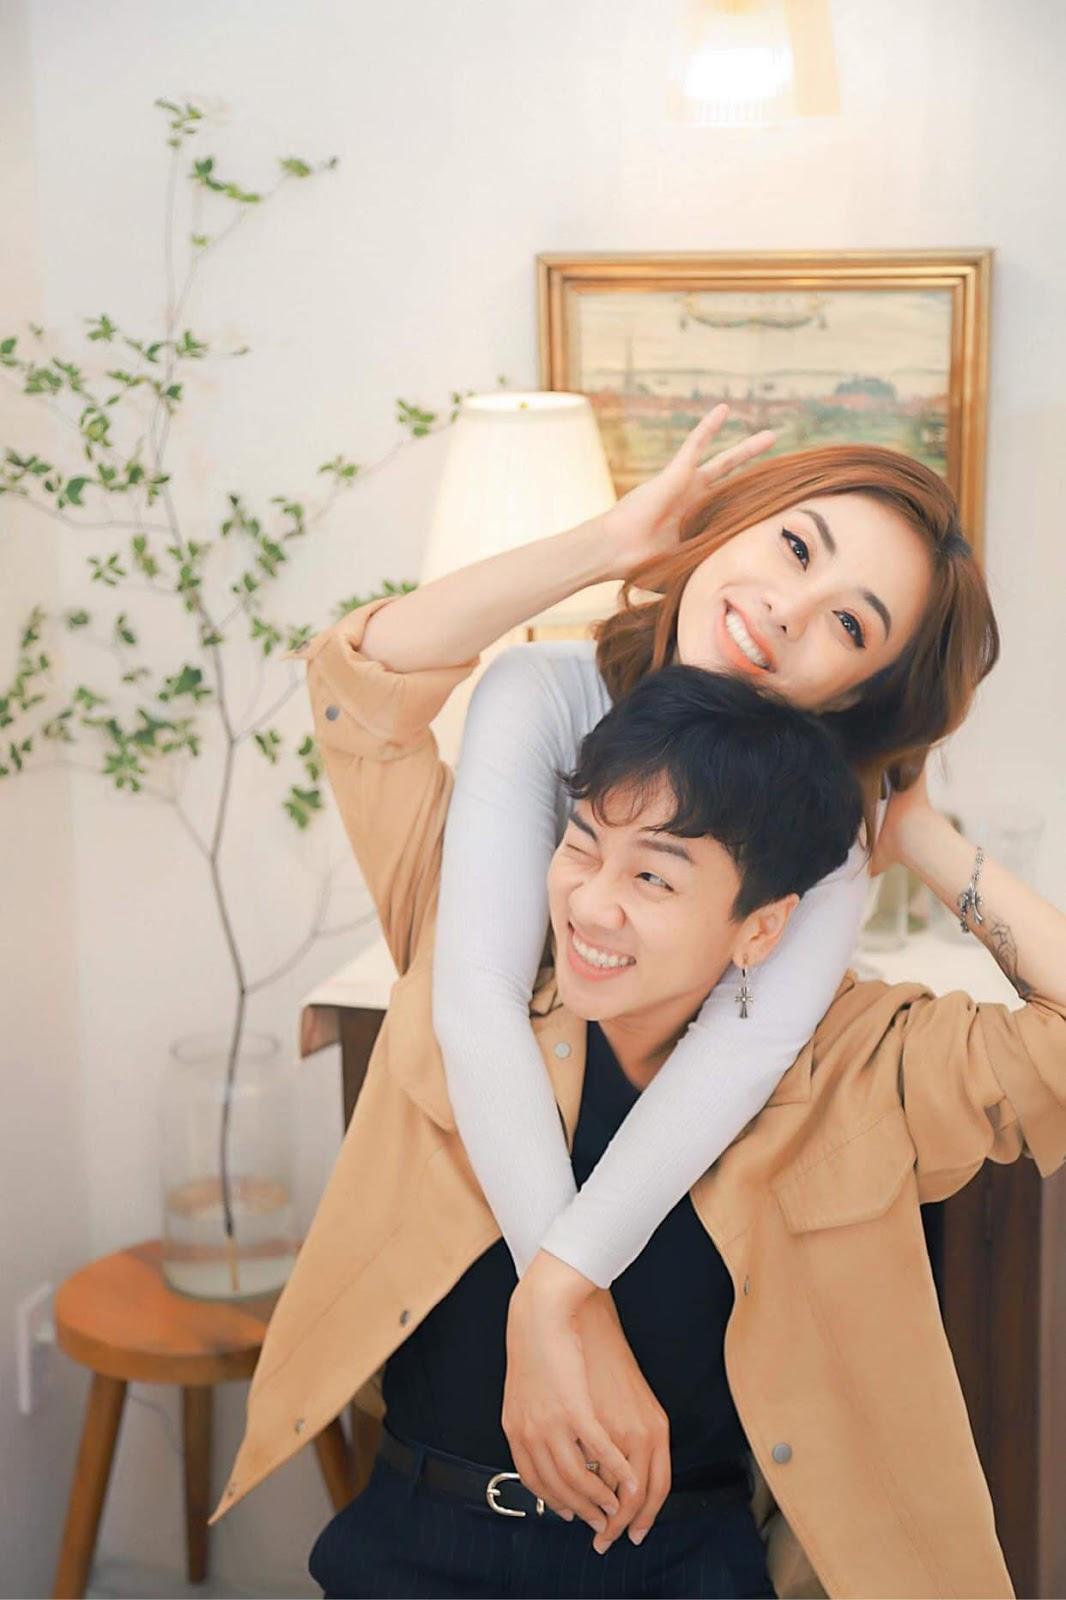 Trước phẫu thuật cắt ngực, người yêu chuyển giới của Miko Lan Trinh sợ có mệnh hệ gì nên để lại cho cô món quà cuối cùng - Hình 5